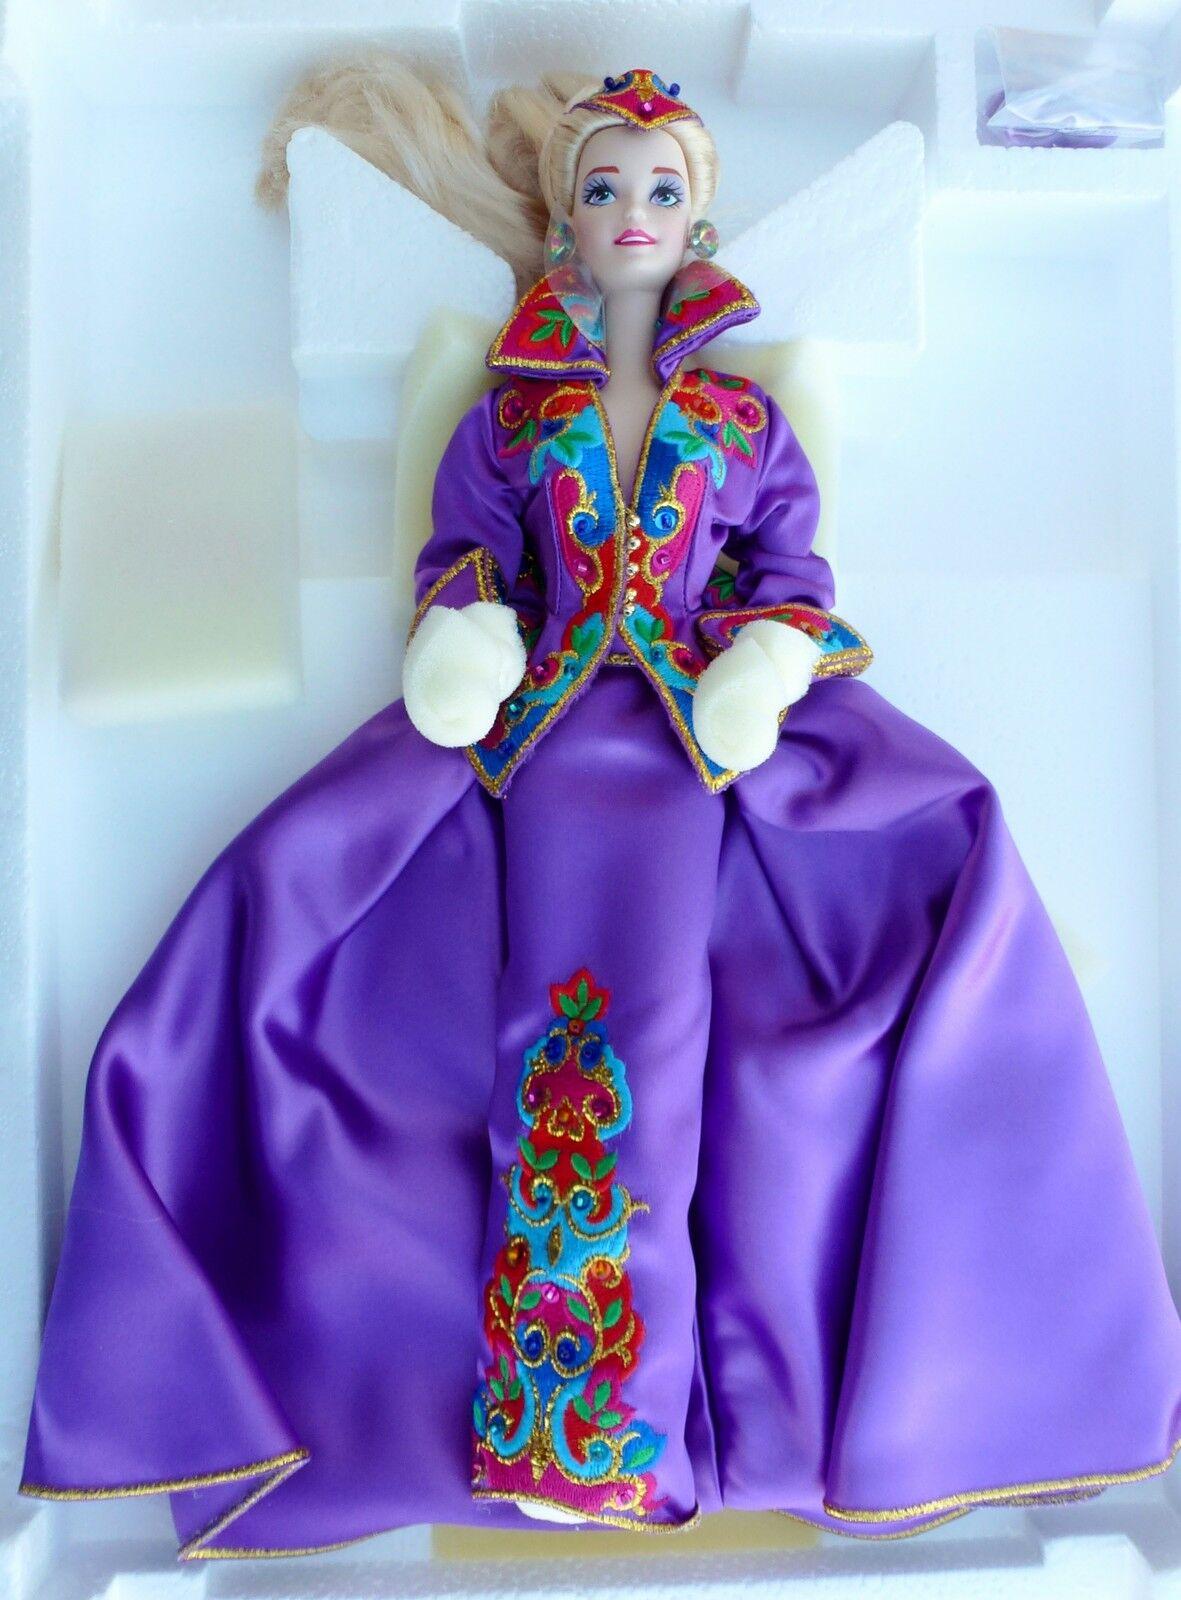 Royal Splendor barbie presidential porcelain porcelana limitado,  10950 NRFB